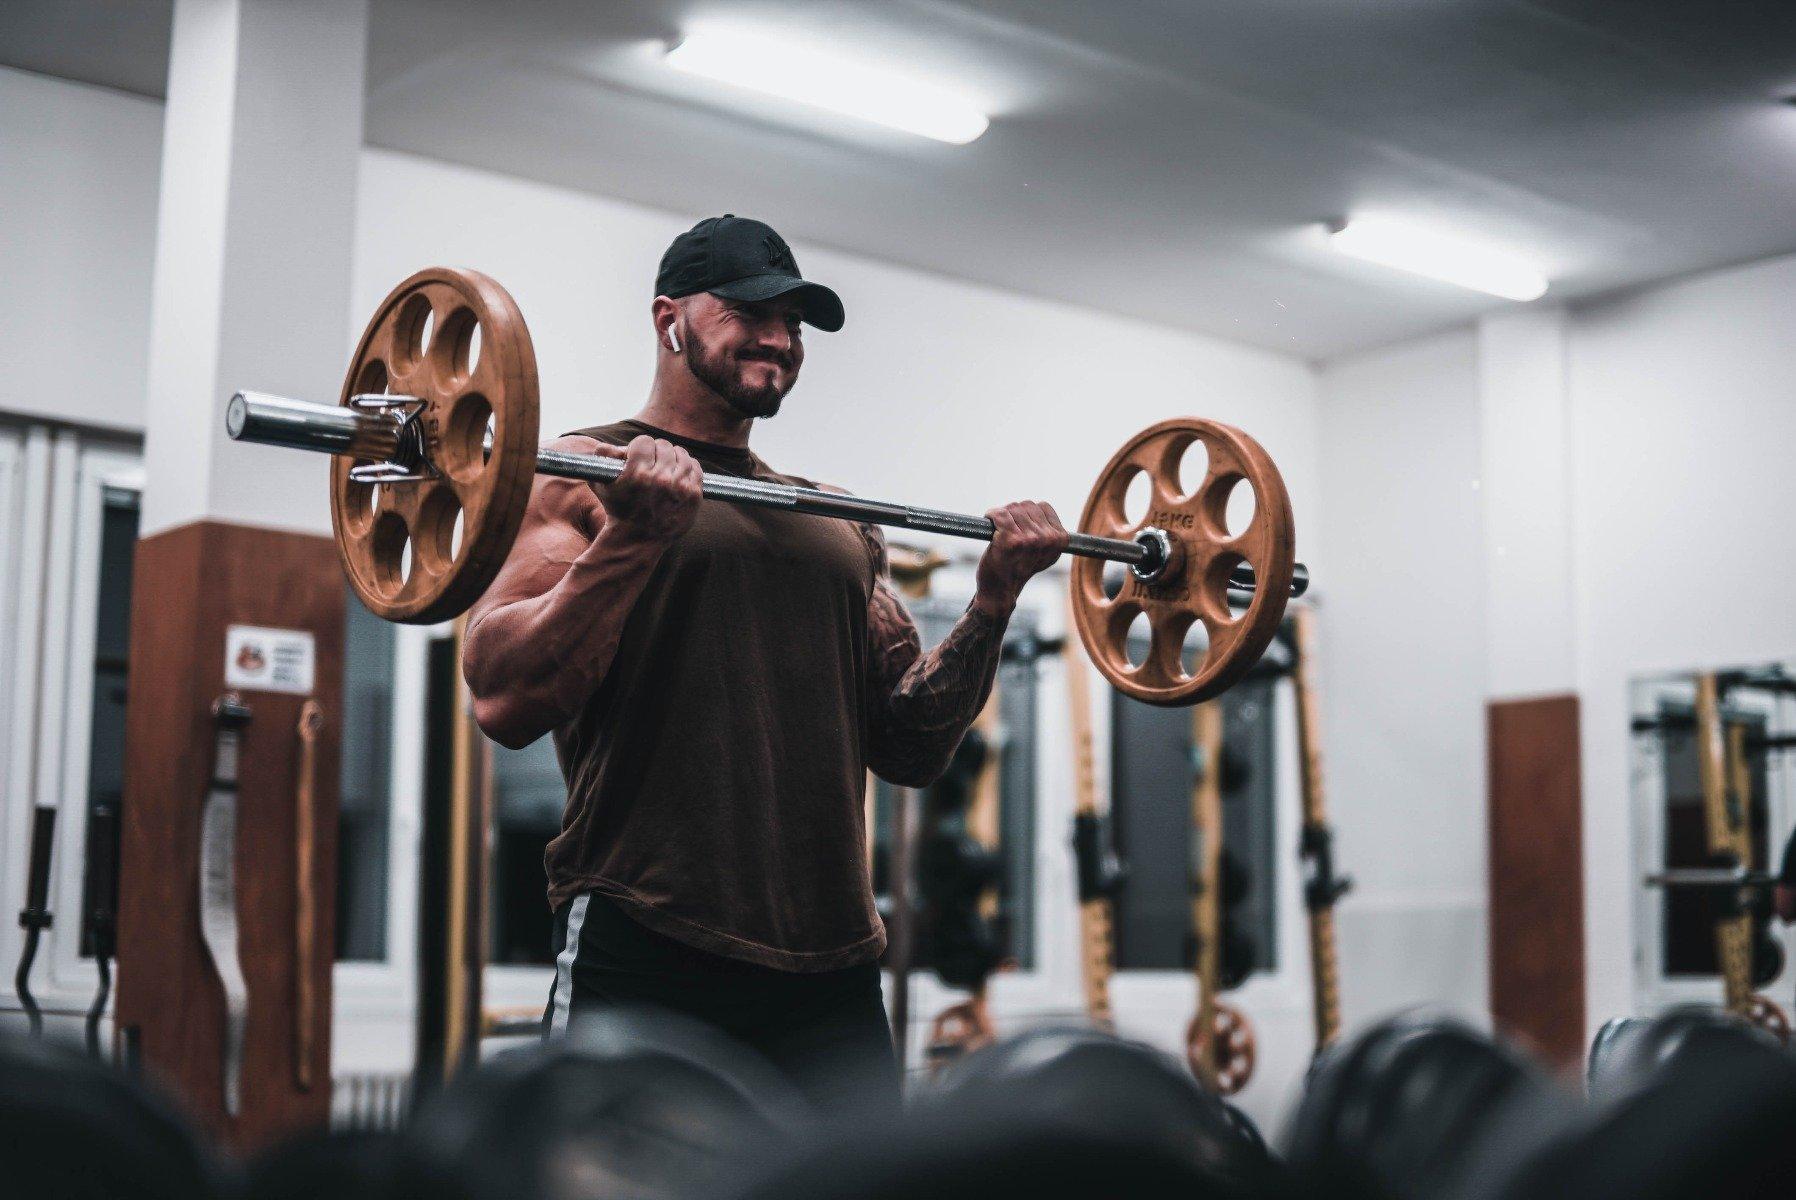 Aveți nevoie de carbohidrați după antrenament?